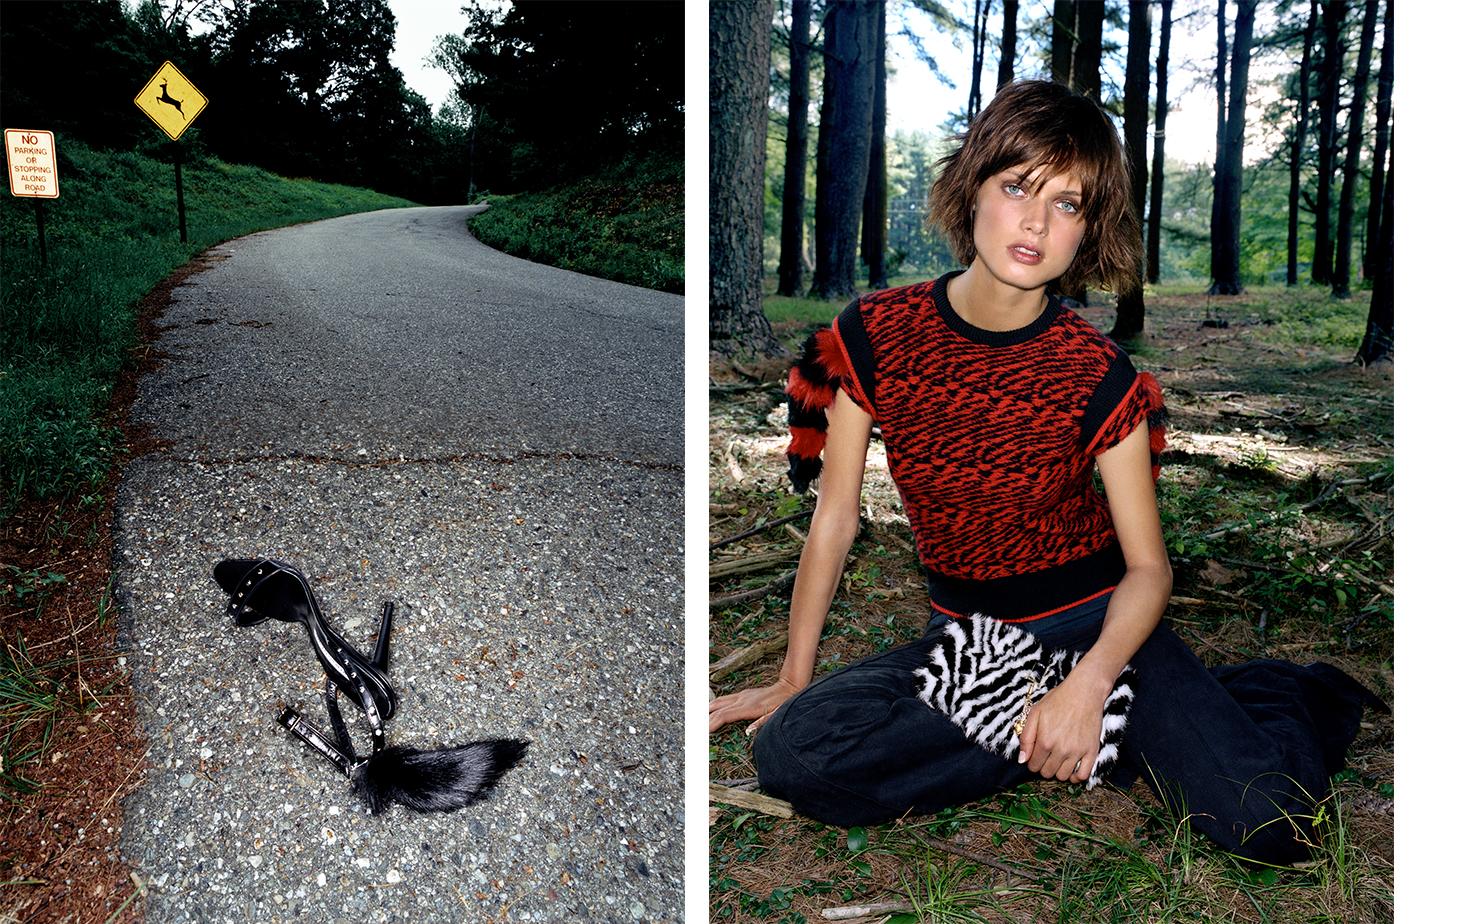 Vogue WHERE THE WILD THINGS ARE   FASHION EDITOR Elissa Santisi MODEL Malgosia Bela